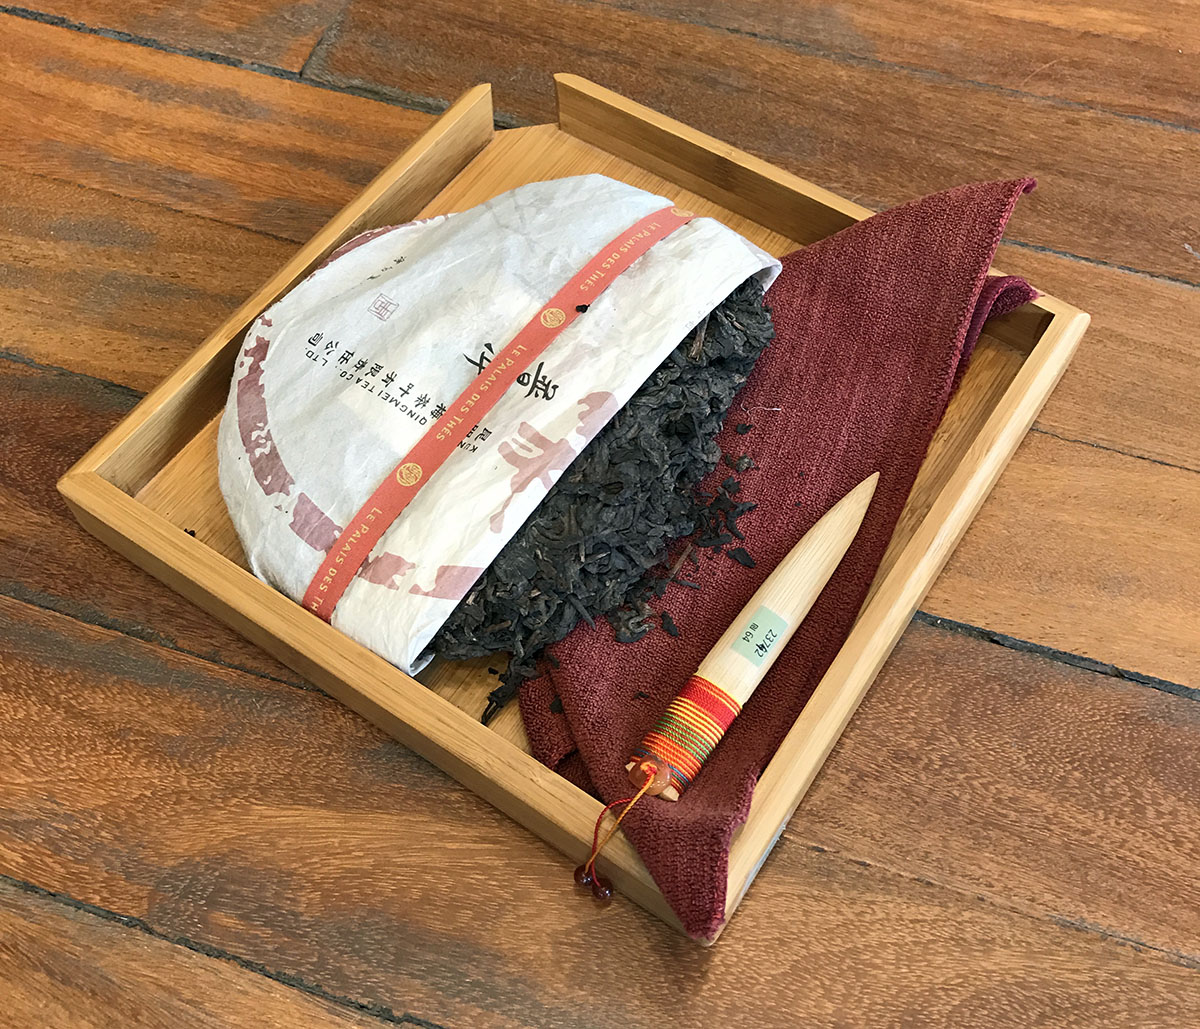 Ценители пуэра оценят дороговалютную палочку для колки спресованного чая.